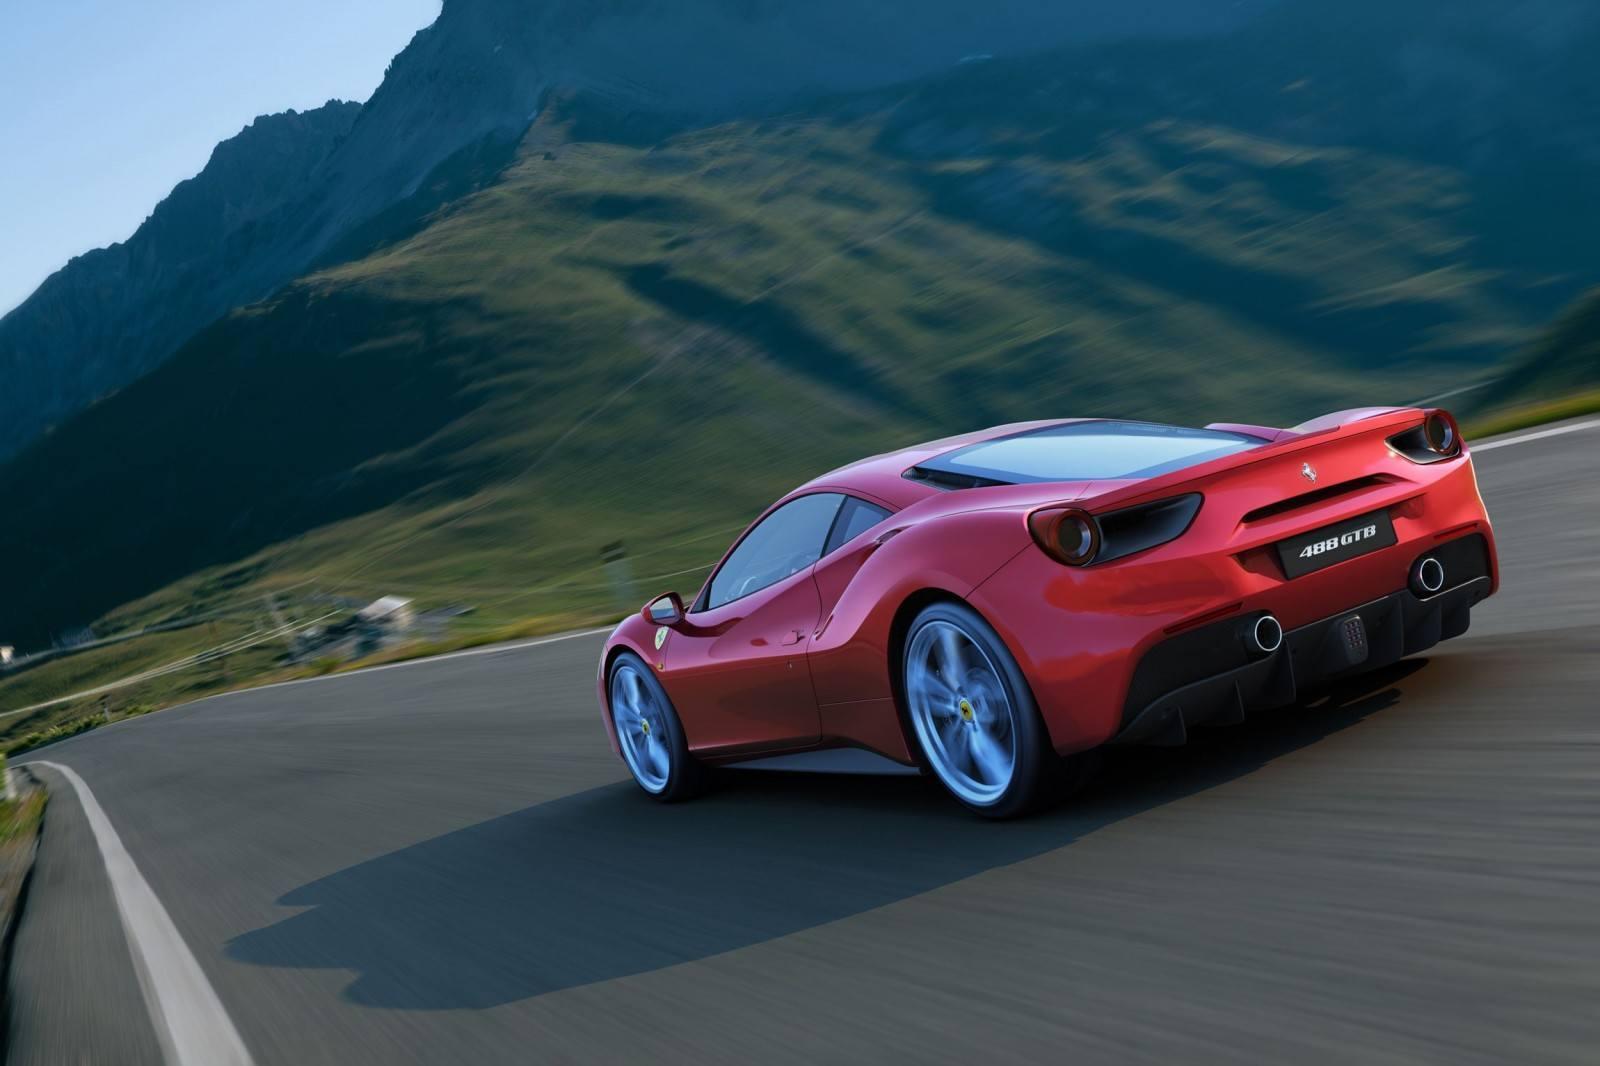 Ferrari 2015 Goodwood 16